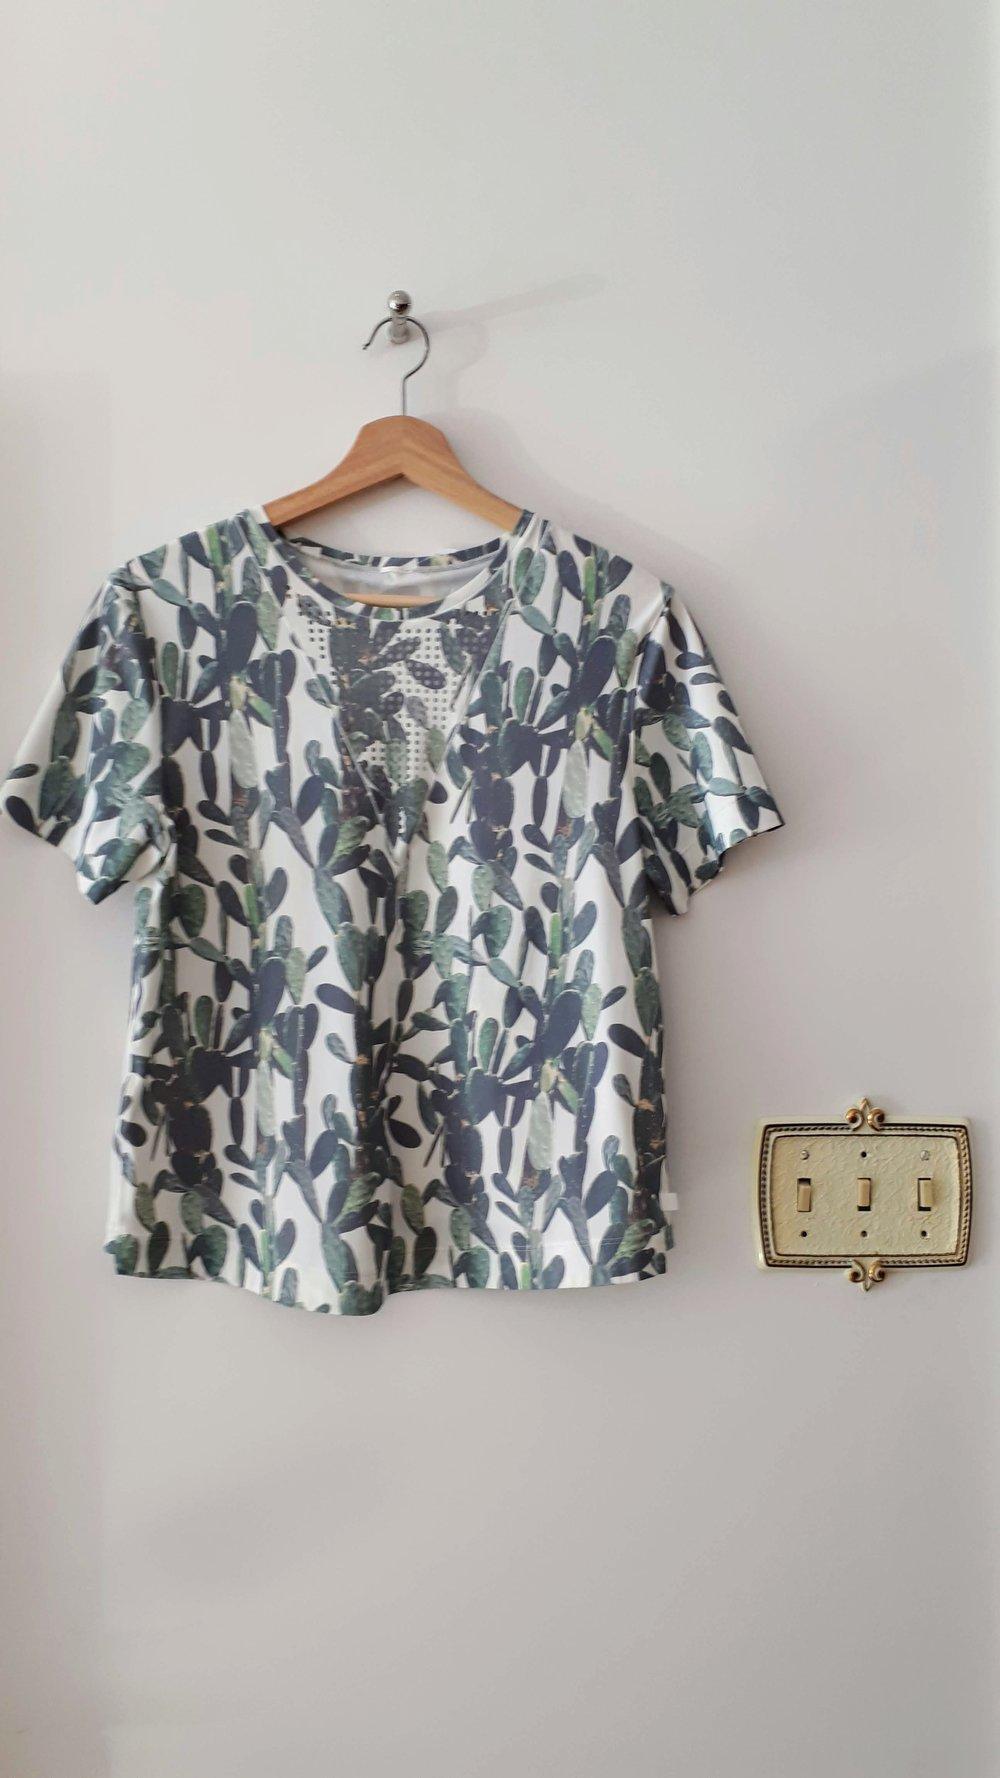 Lululemon top; Size M, $24 (on sale, $12!)